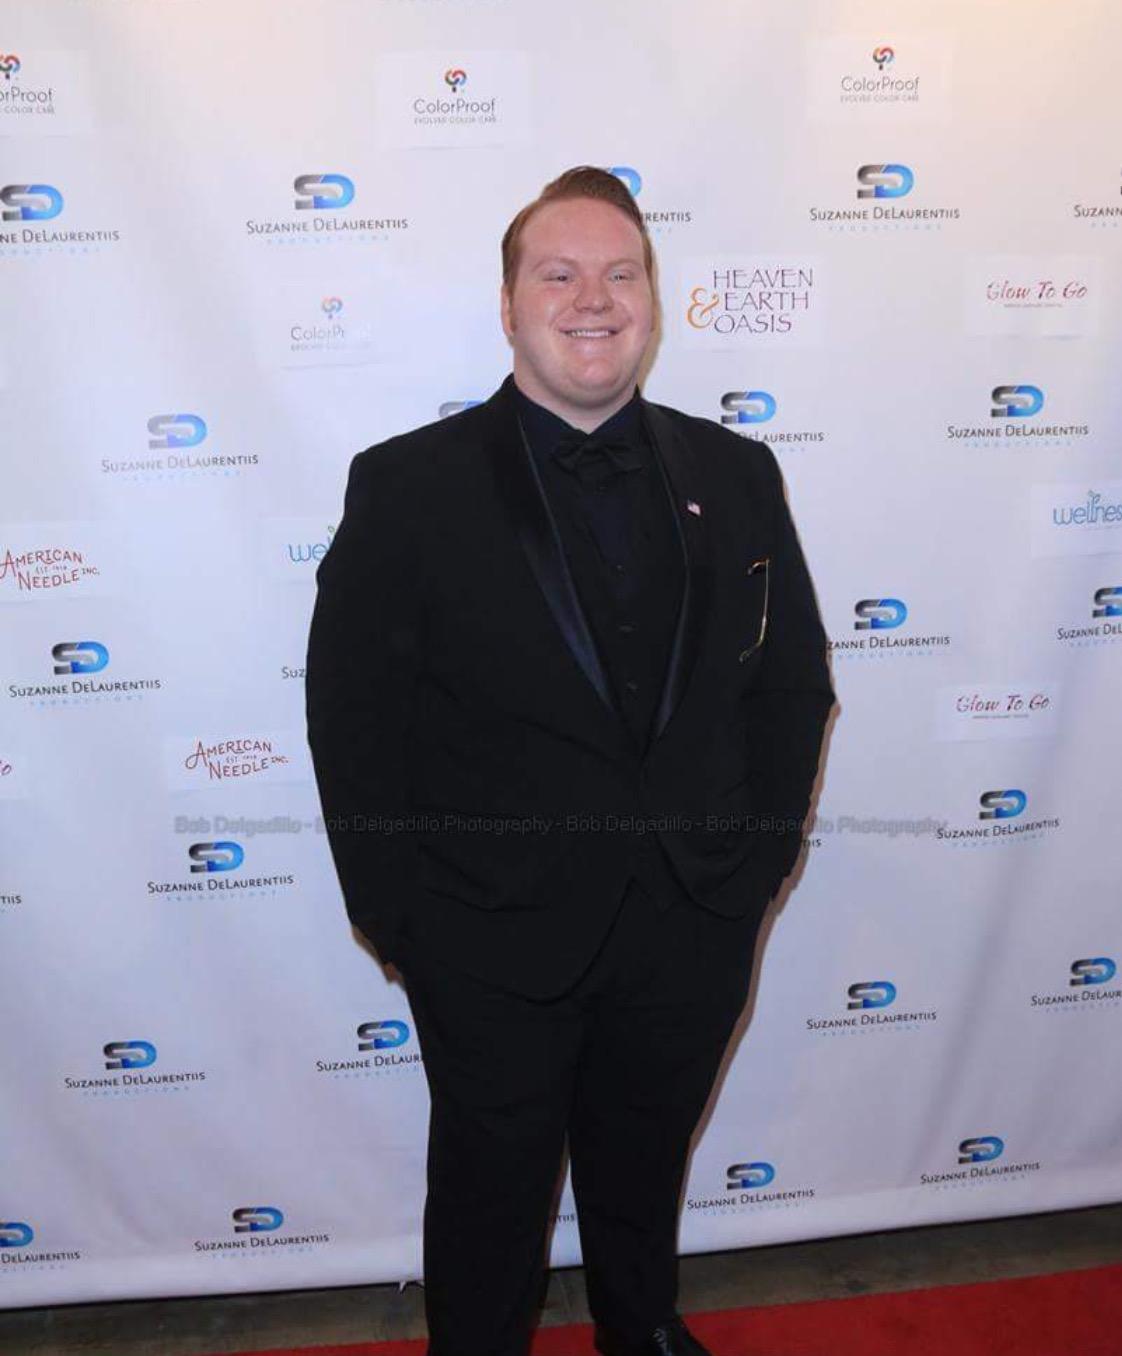 Shawn Clifford at DeLaurentiis Oscar